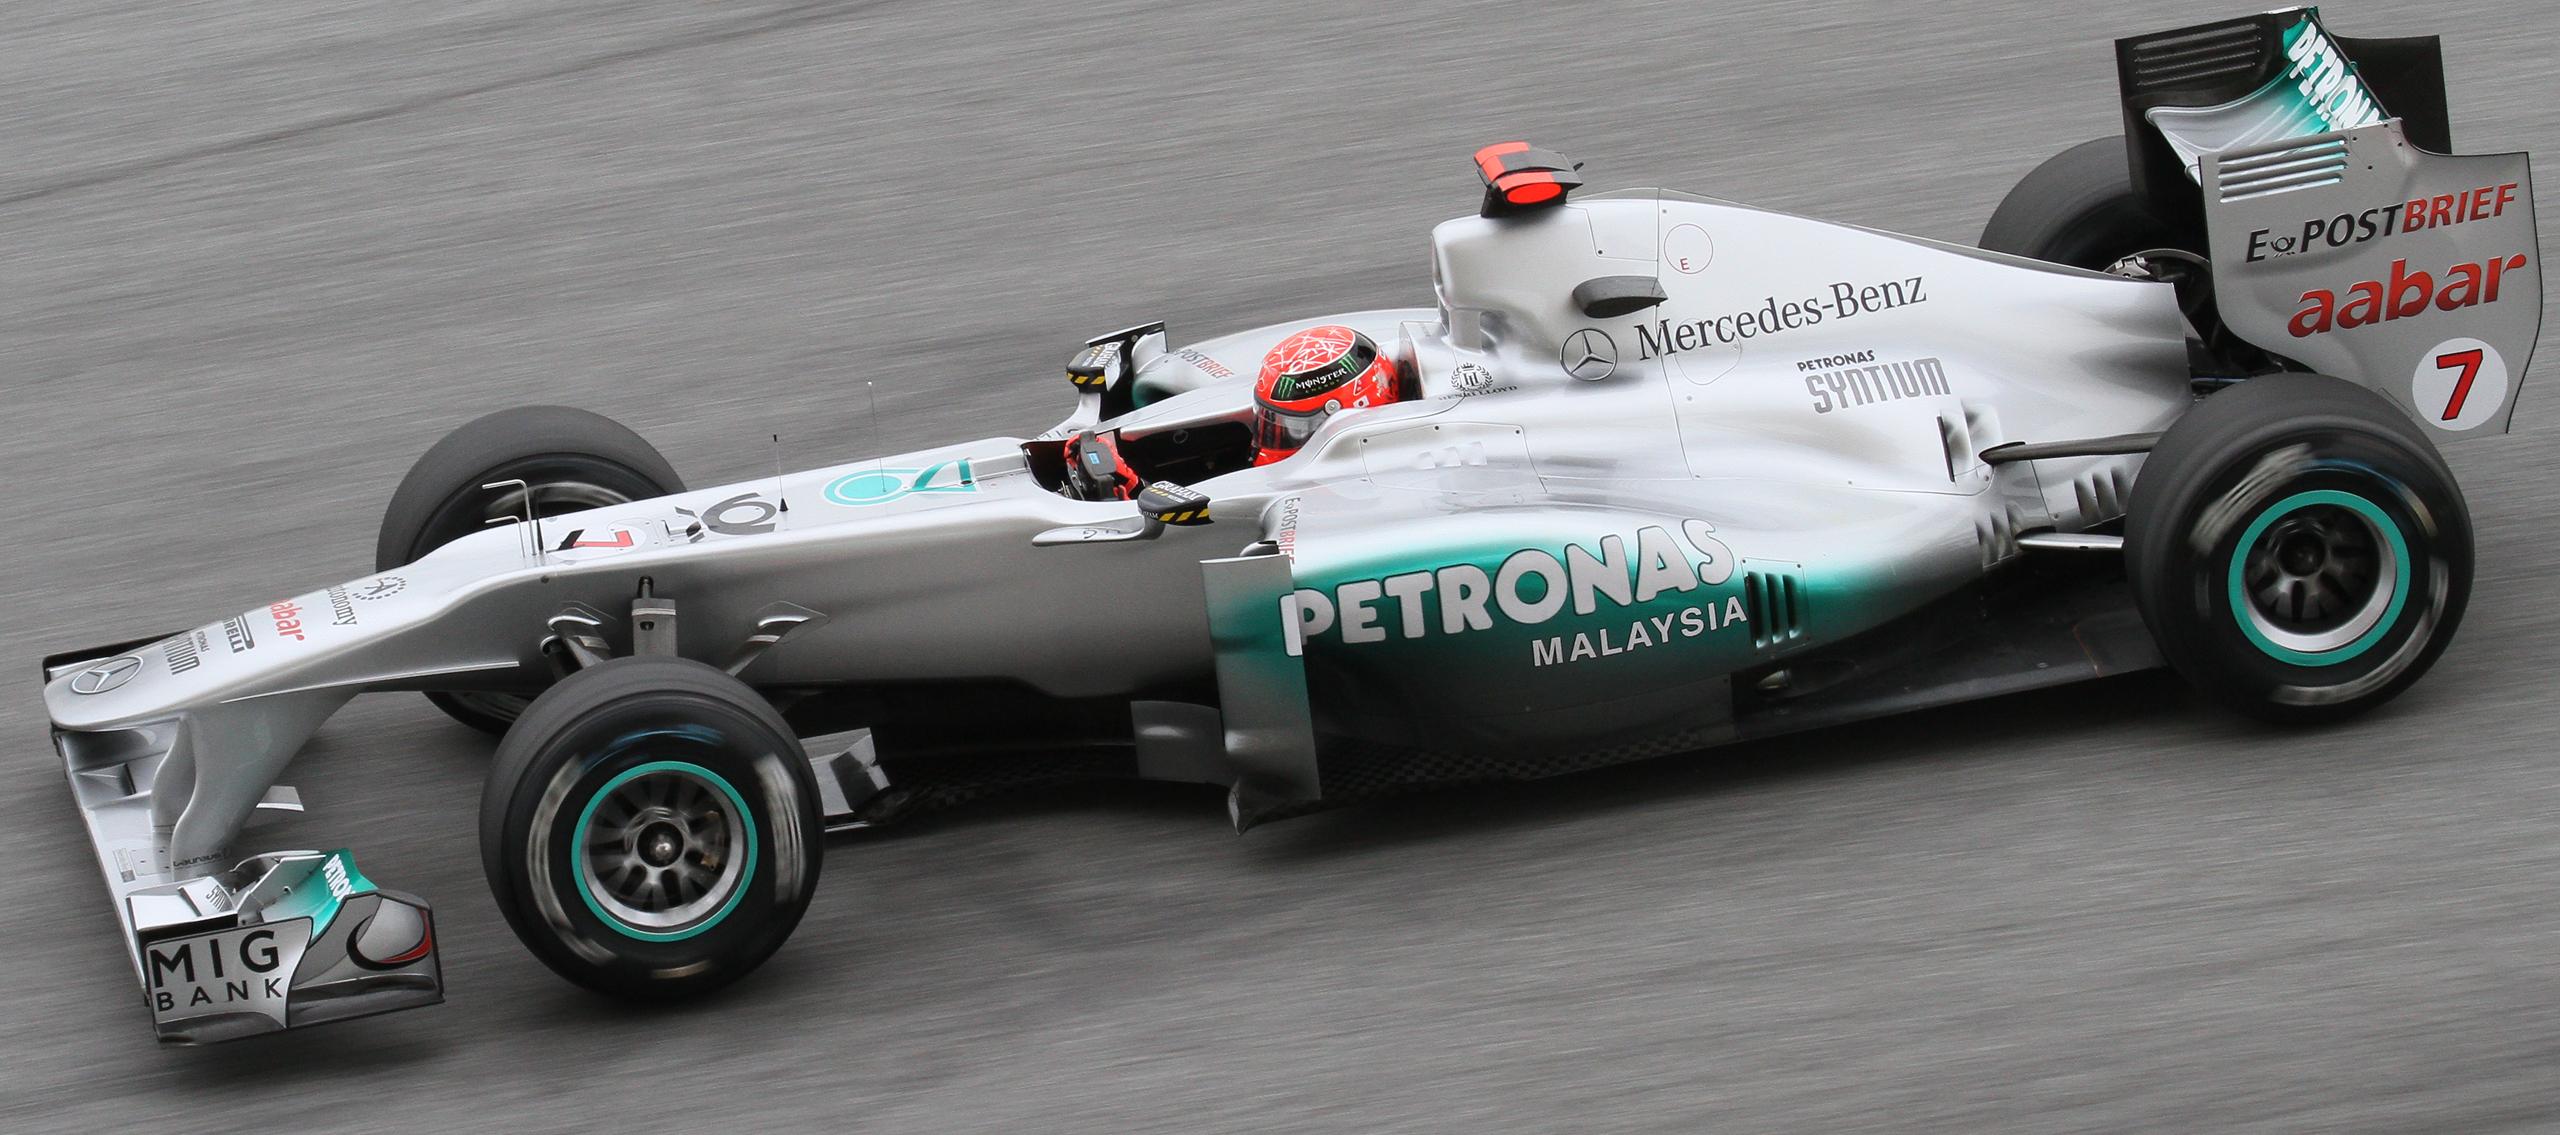 Mercedes-karrieren ble en gigantisk nedtur for Schumacher, selv om det var korte blaff av gammel storhet å se fra tid til annen.